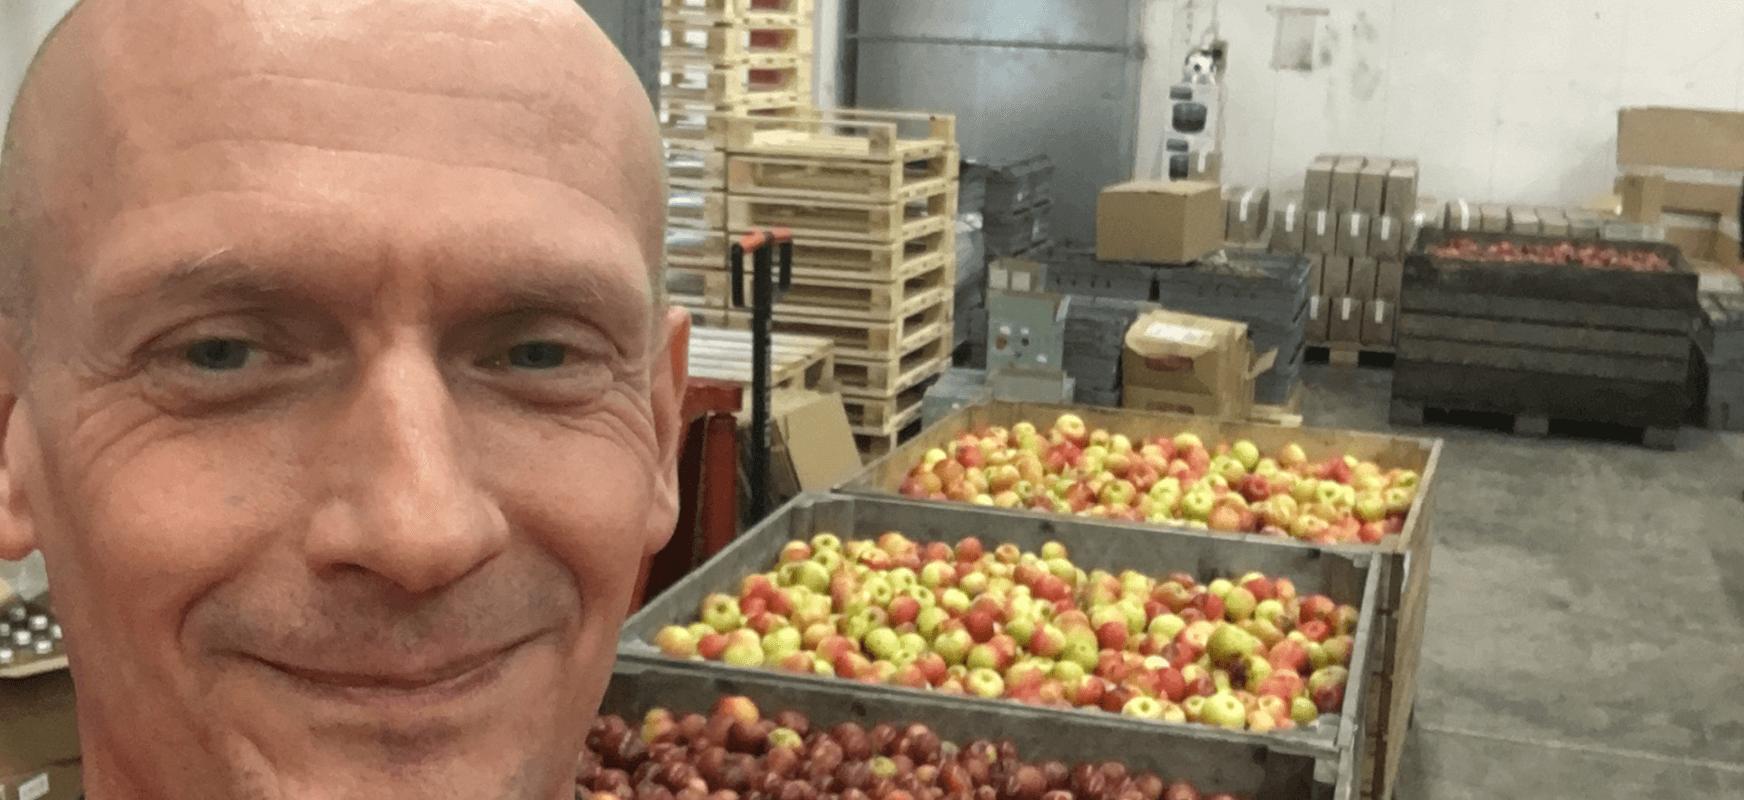 Göran Tollstam framför en stor mängd äpplen